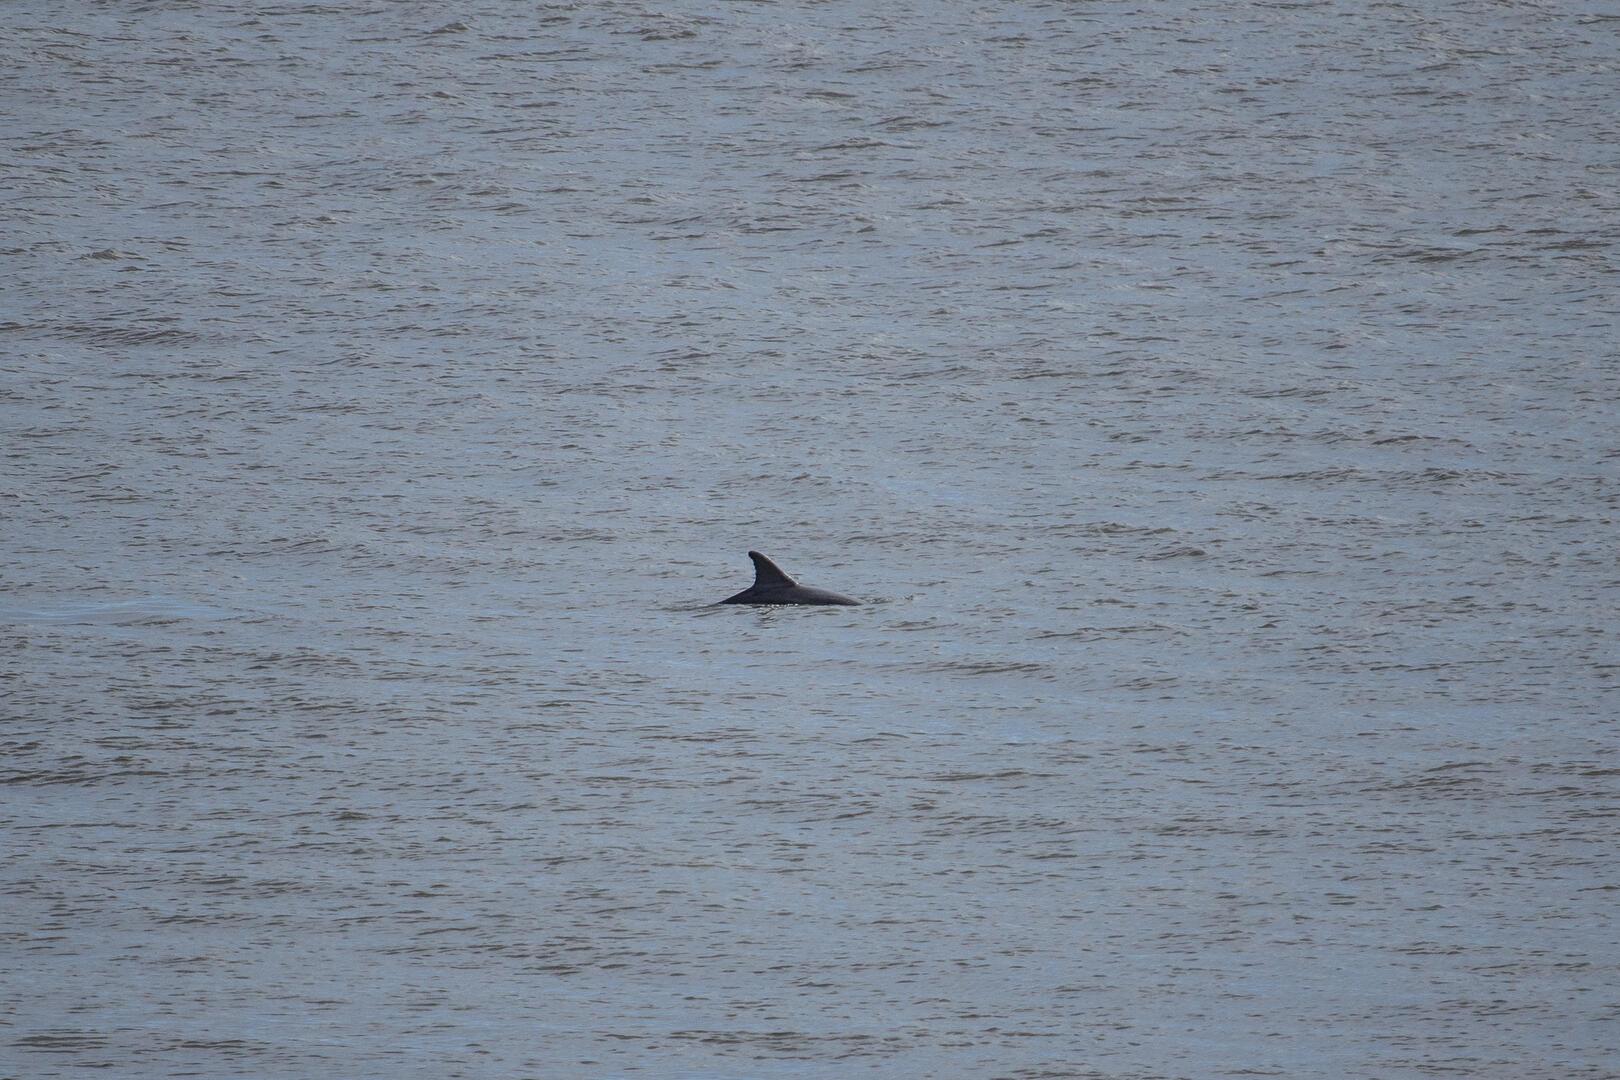 Dolphin from balcony